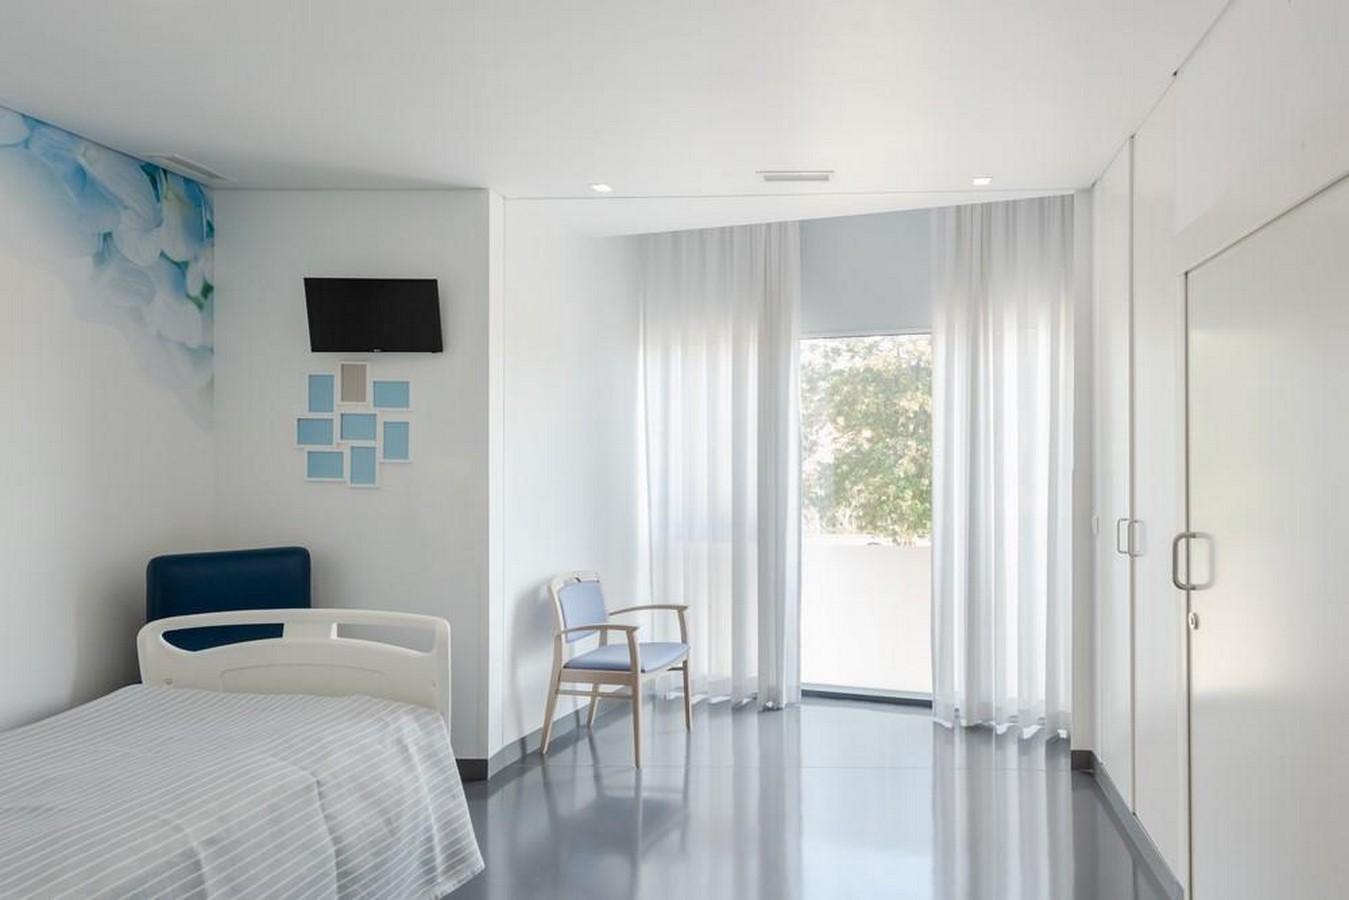 Housing For Elderly - Sheet3